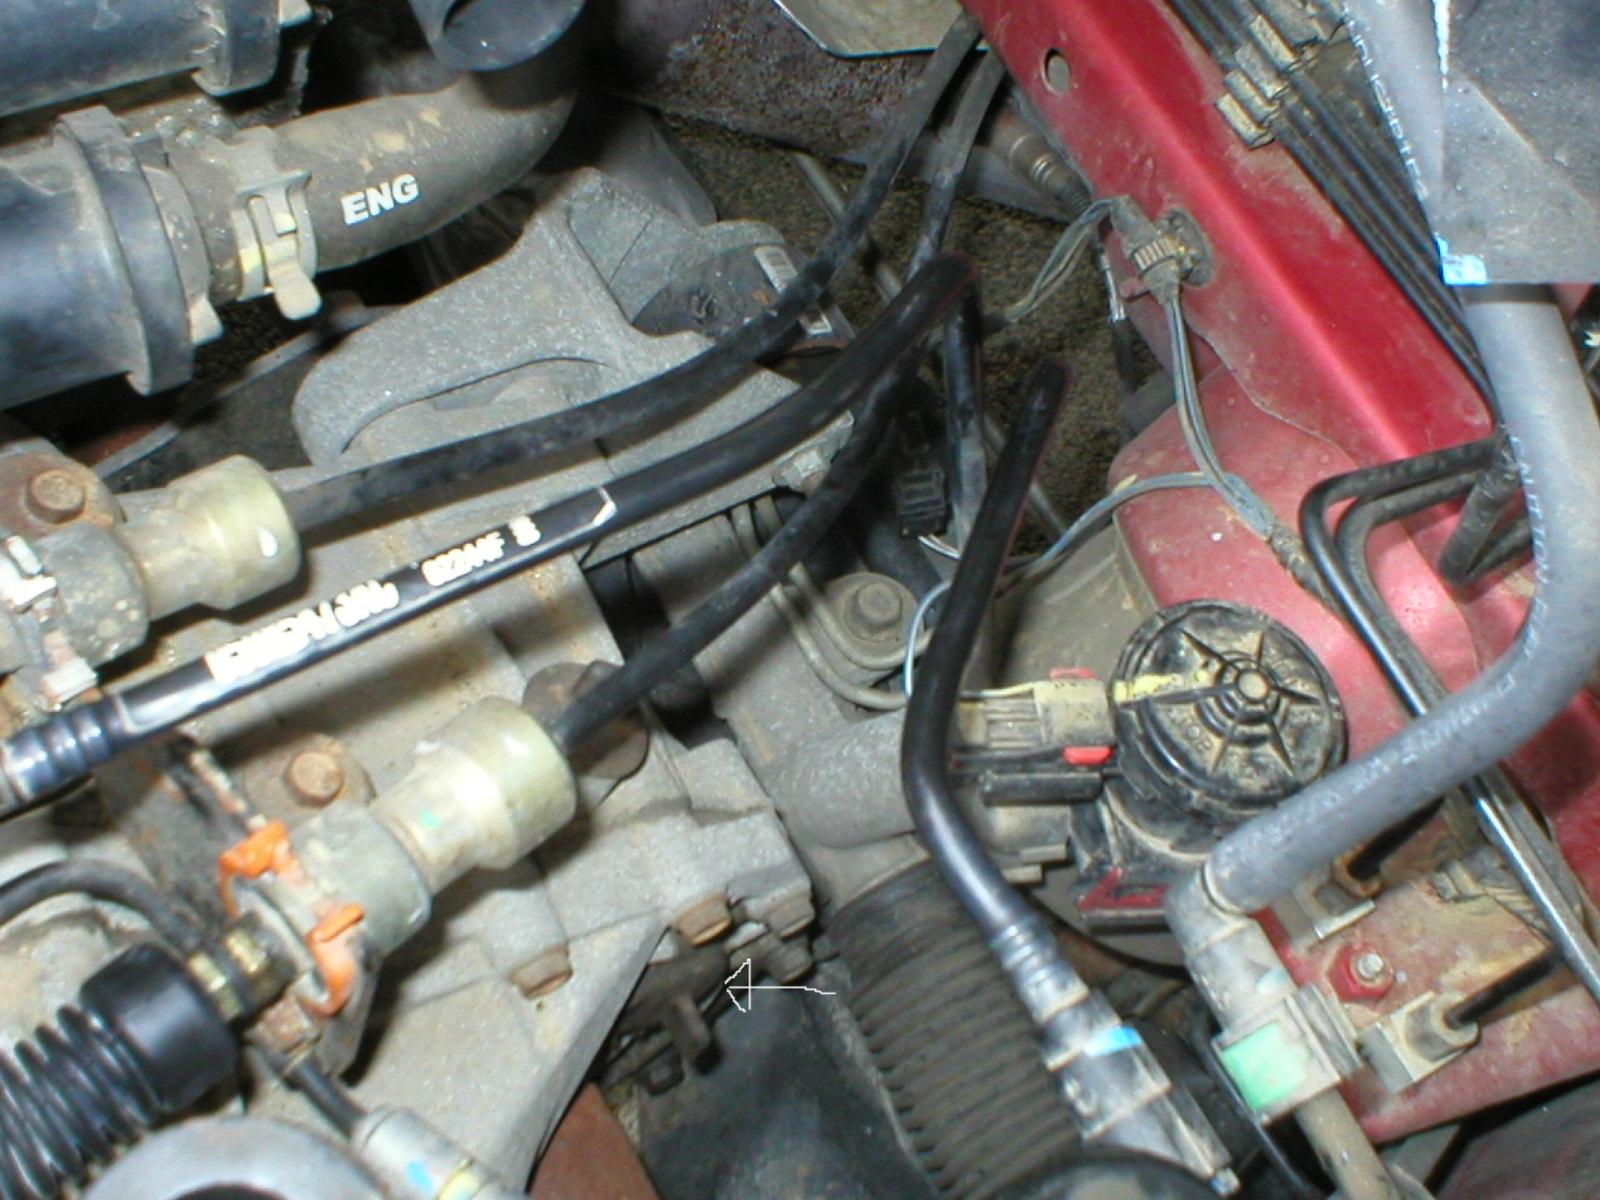 entretien caliber essence - Page 3 715239P1010187